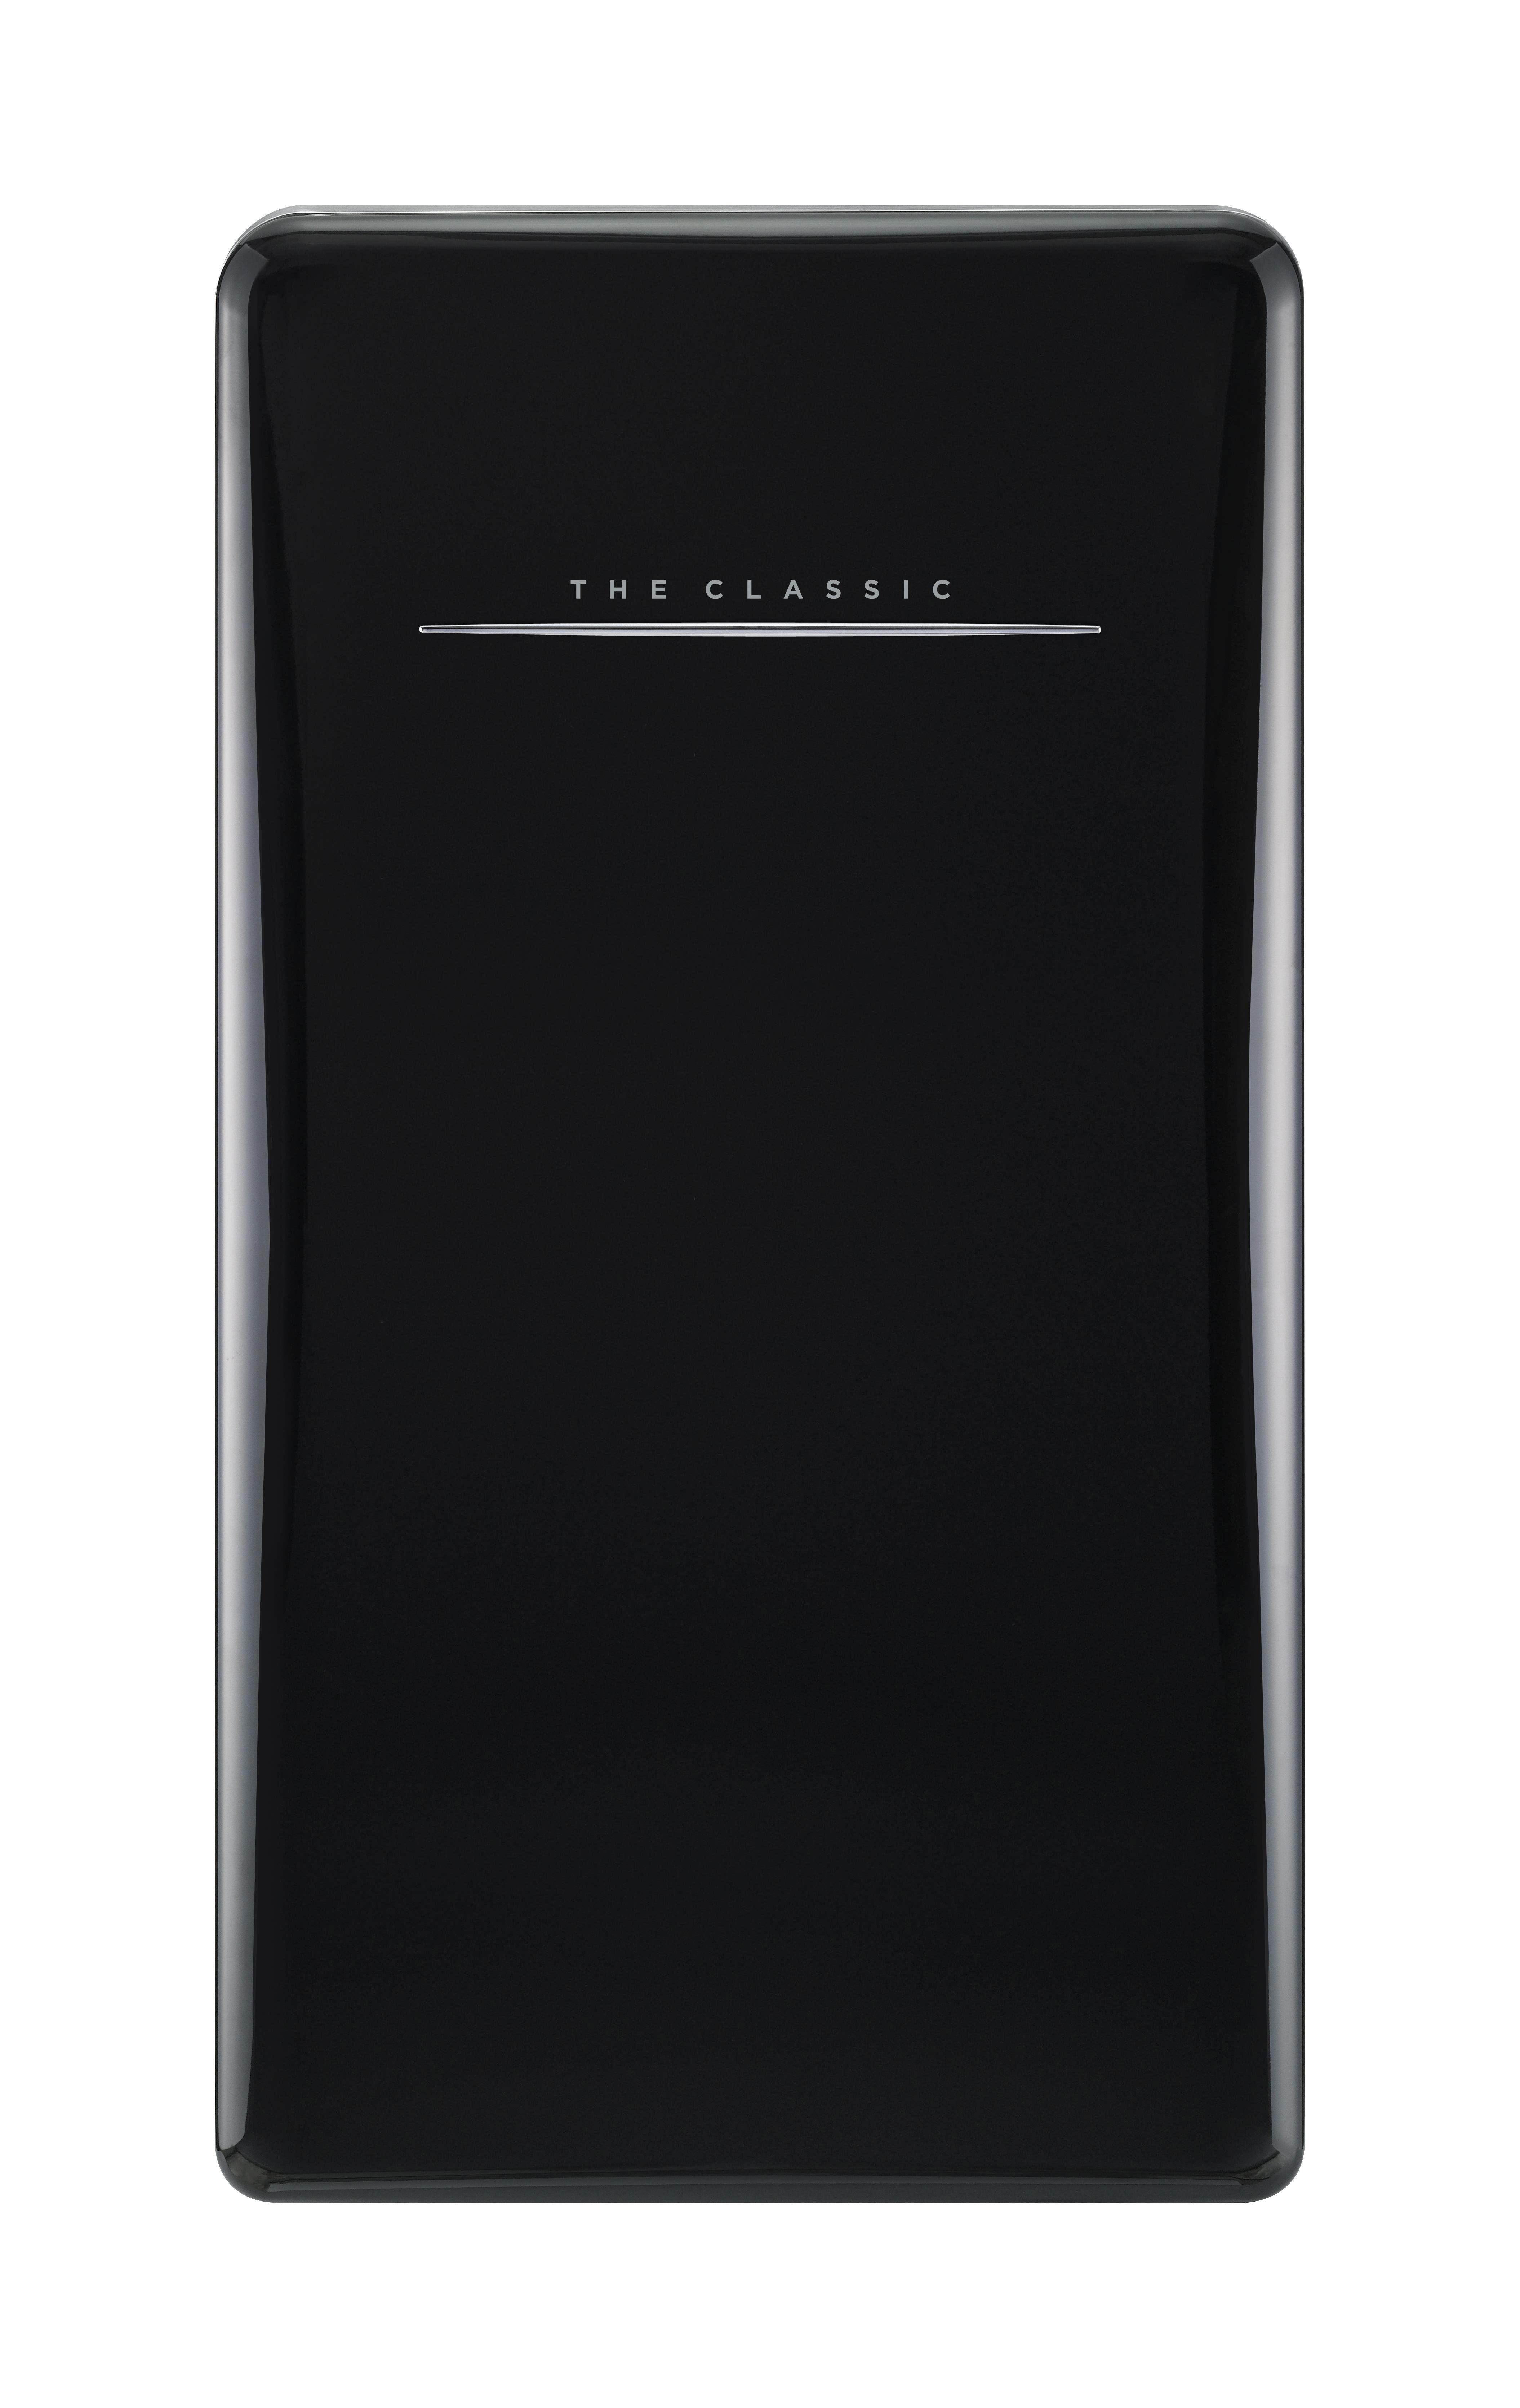 Kühlschrank Kombi Retro : Bikitchen kühlschrank retro cool schwarz online kaufen ➤ möbelix